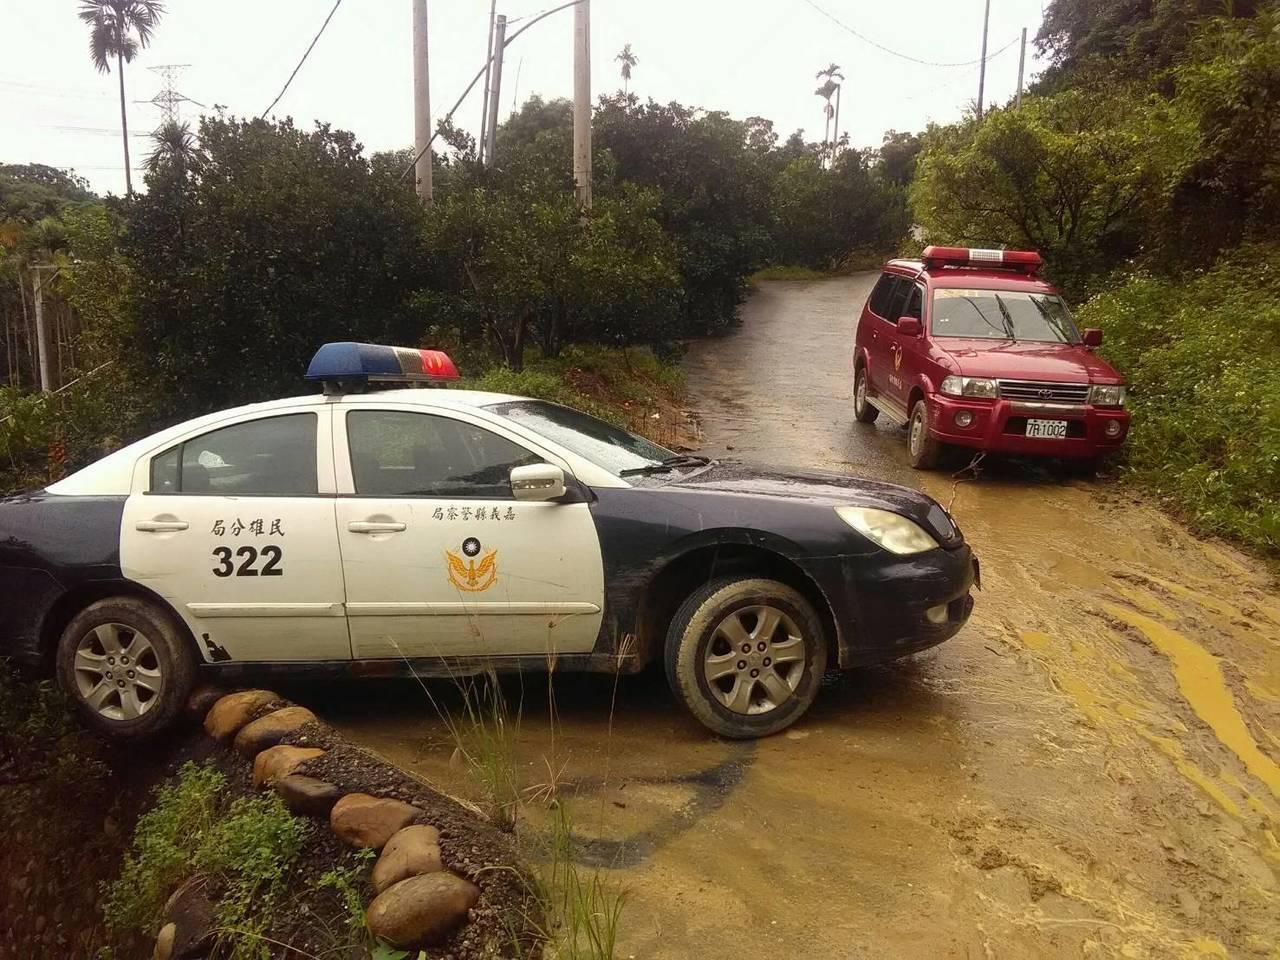 警車也打滑受困產業道路,只能徒步進入搜救。圖/讀者提供